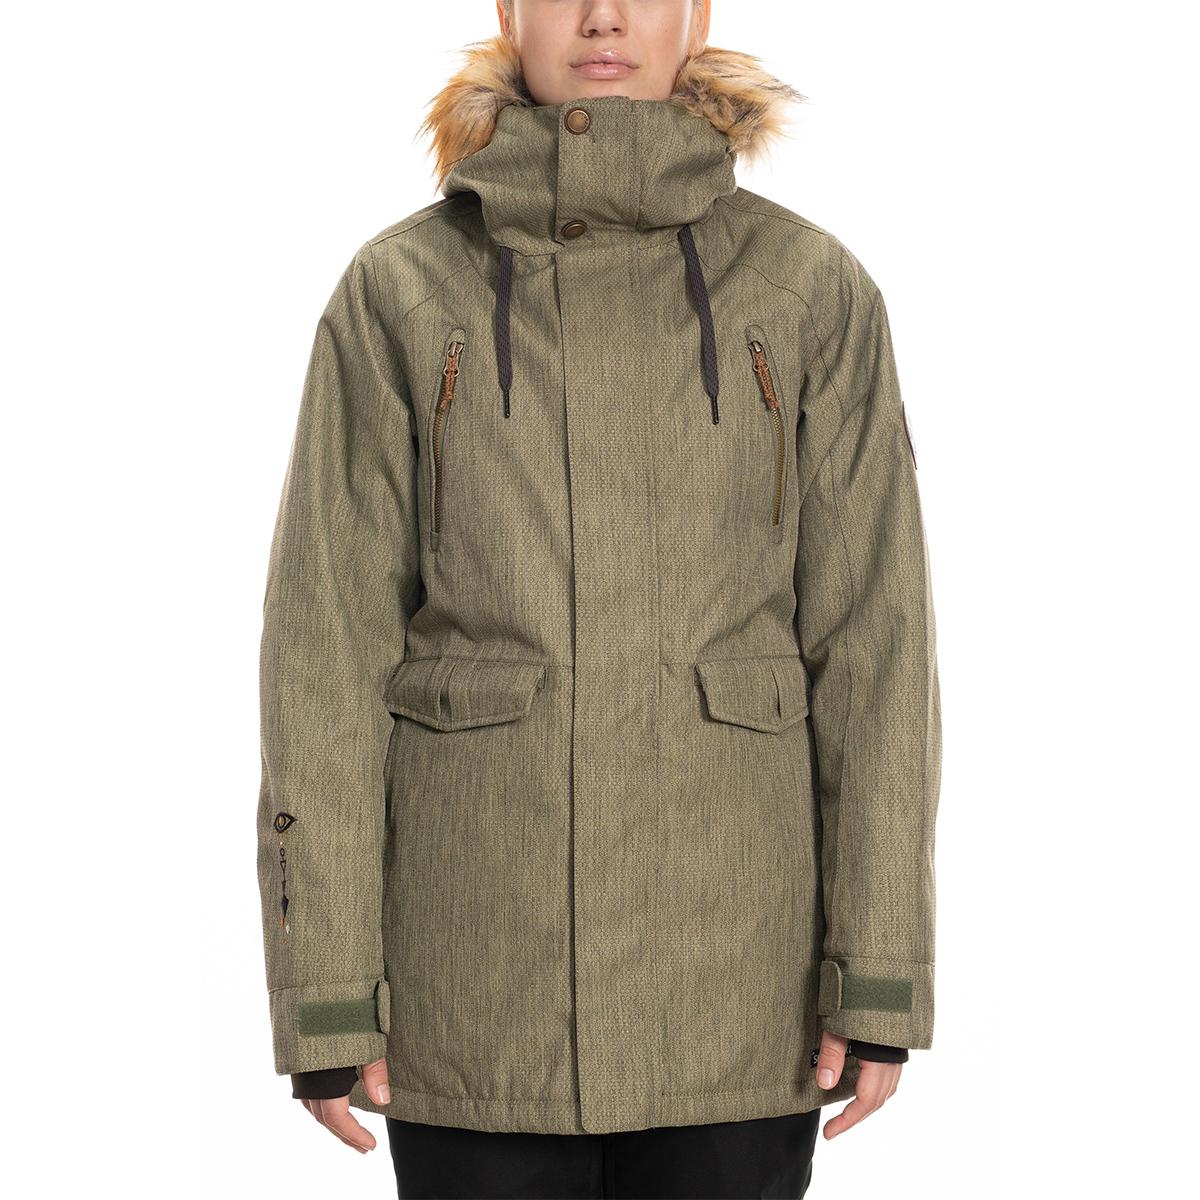 Куртка 686 Ceremony Insulated Jacket 19/20